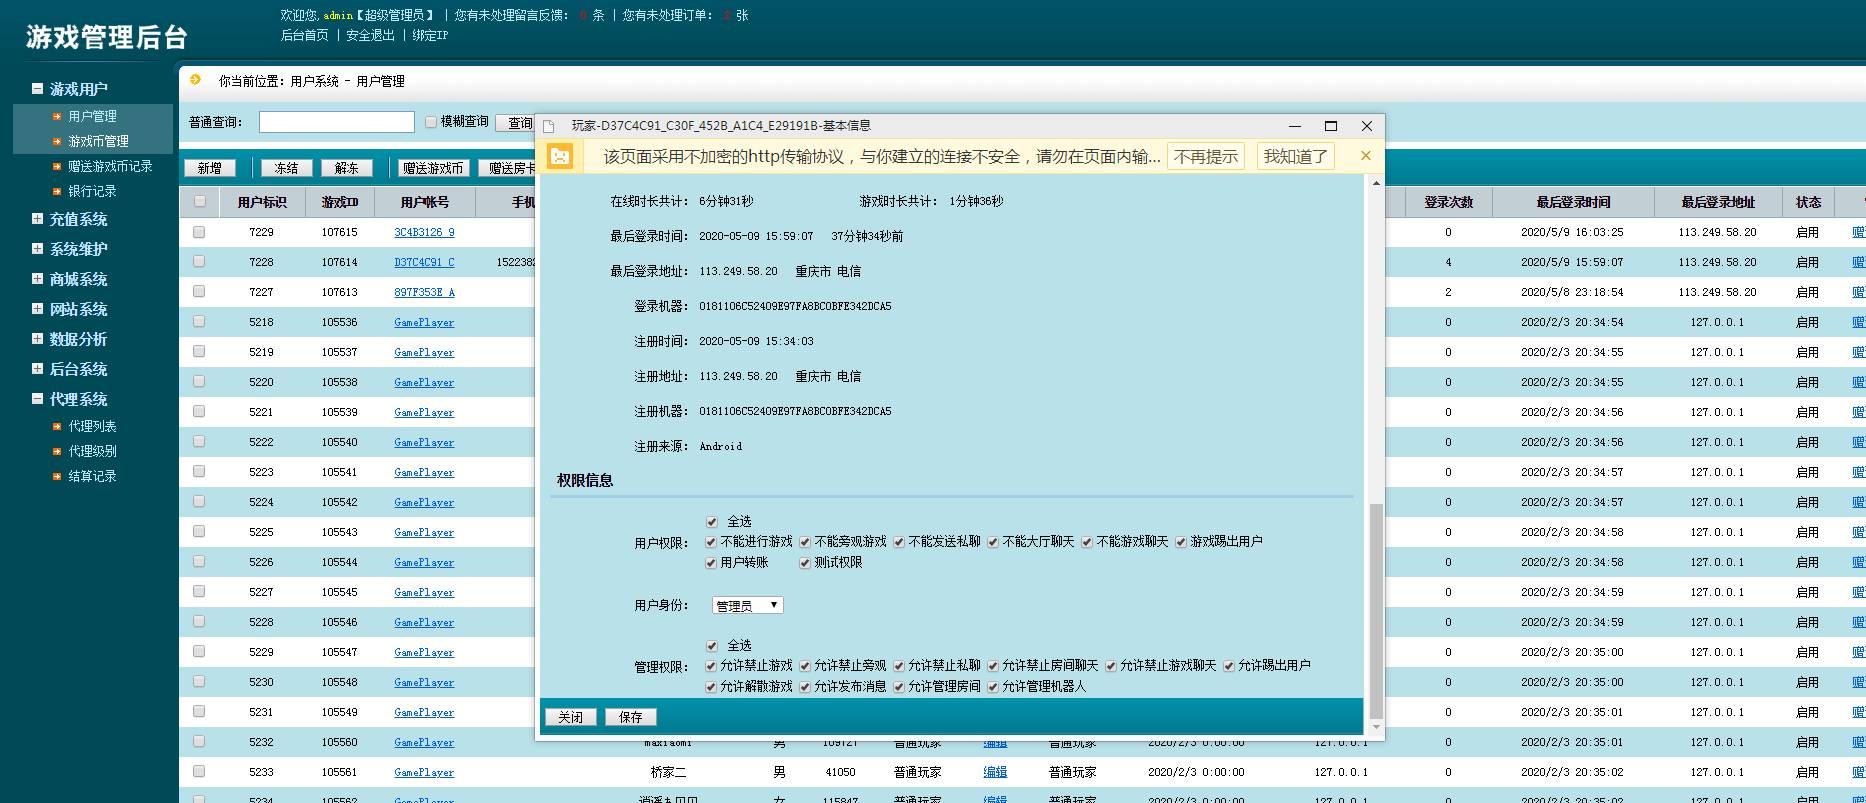 最新创游瑞博娱乐 完美运营版 代理完整 带微信登录和手机登录 短信 支付 源码程序下载-第9张